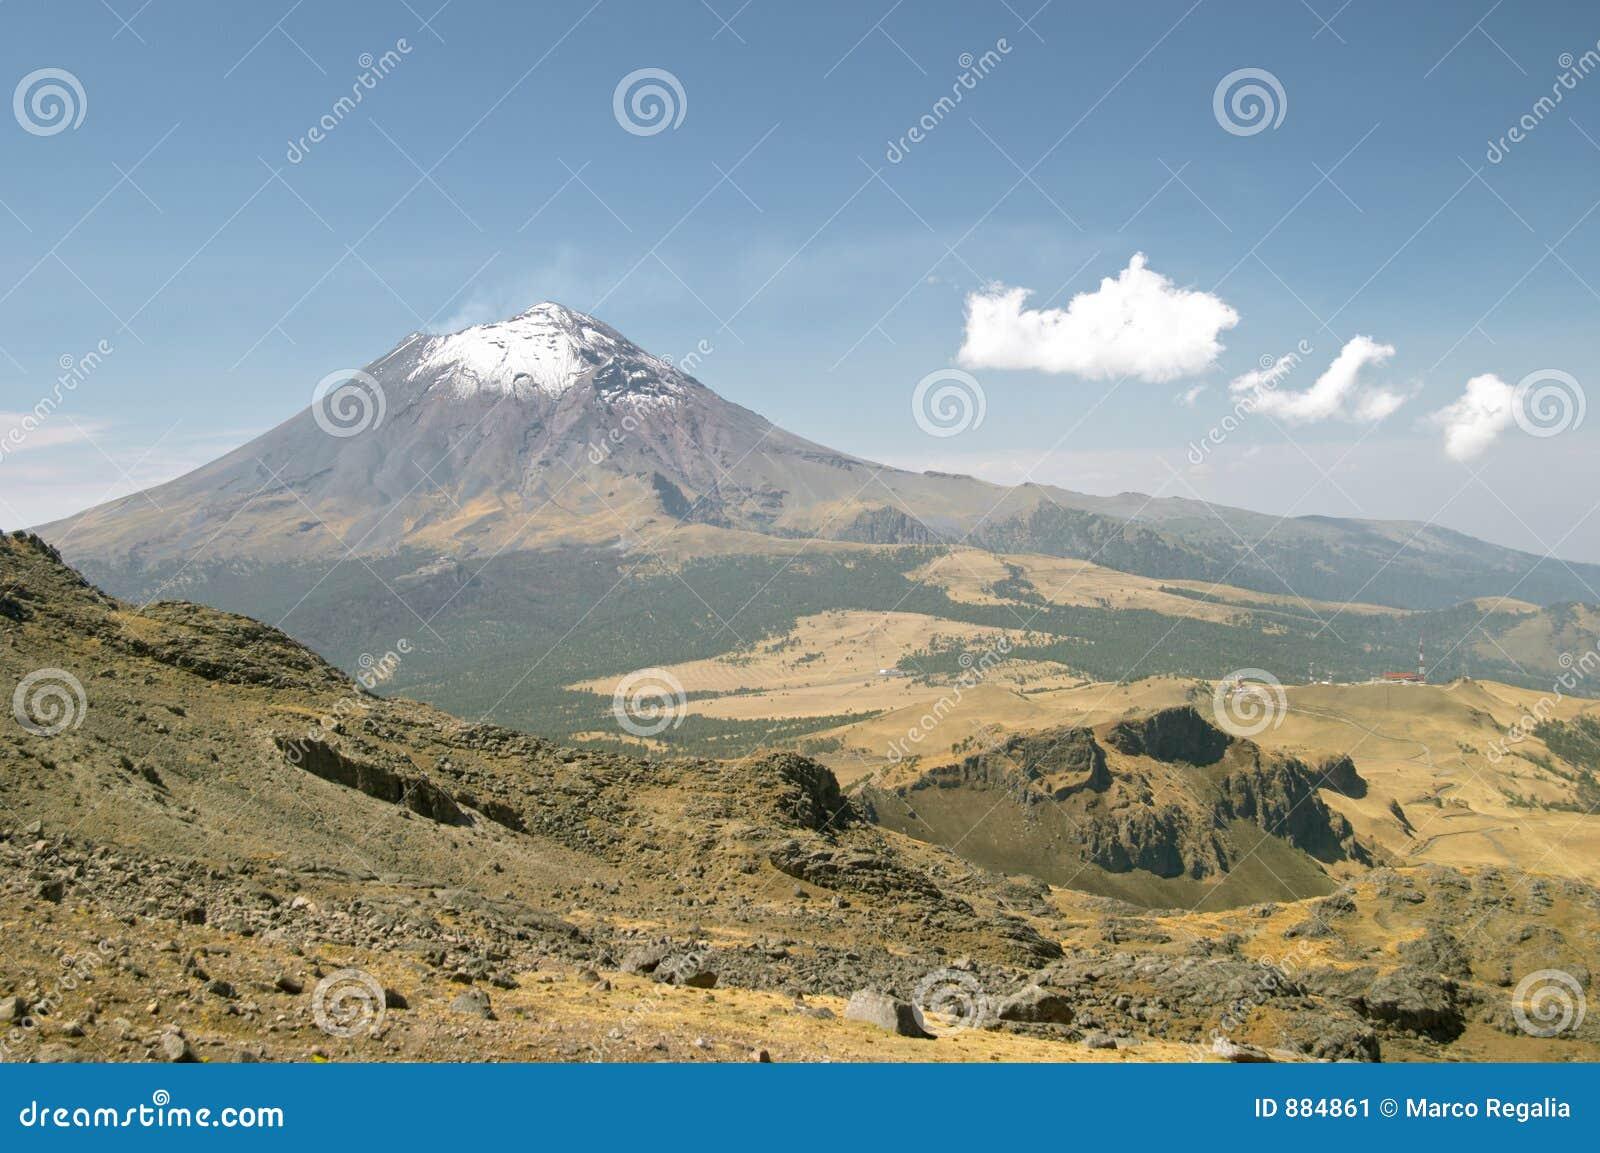 Volcan de Popocatepetl